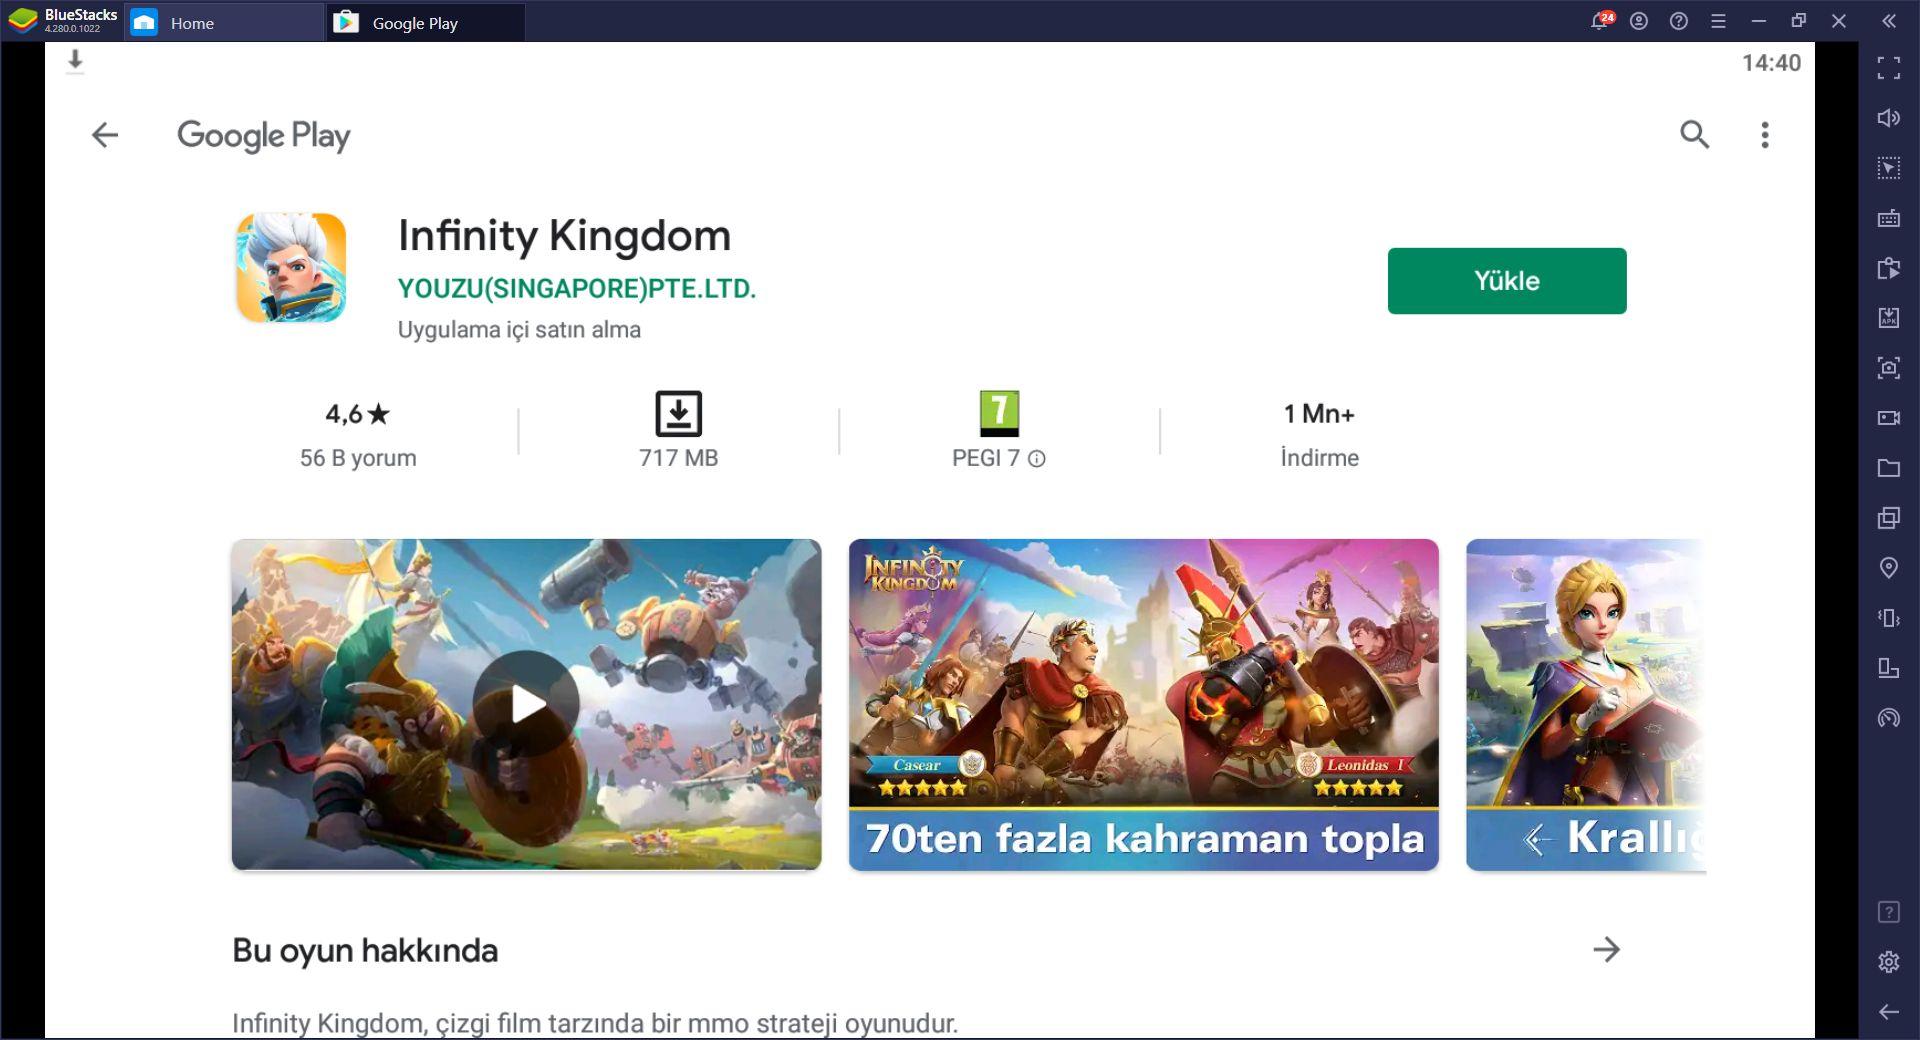 Infinity Kingdom, BlueStacks ile Bilgisayarda Nasıl Oynanır?